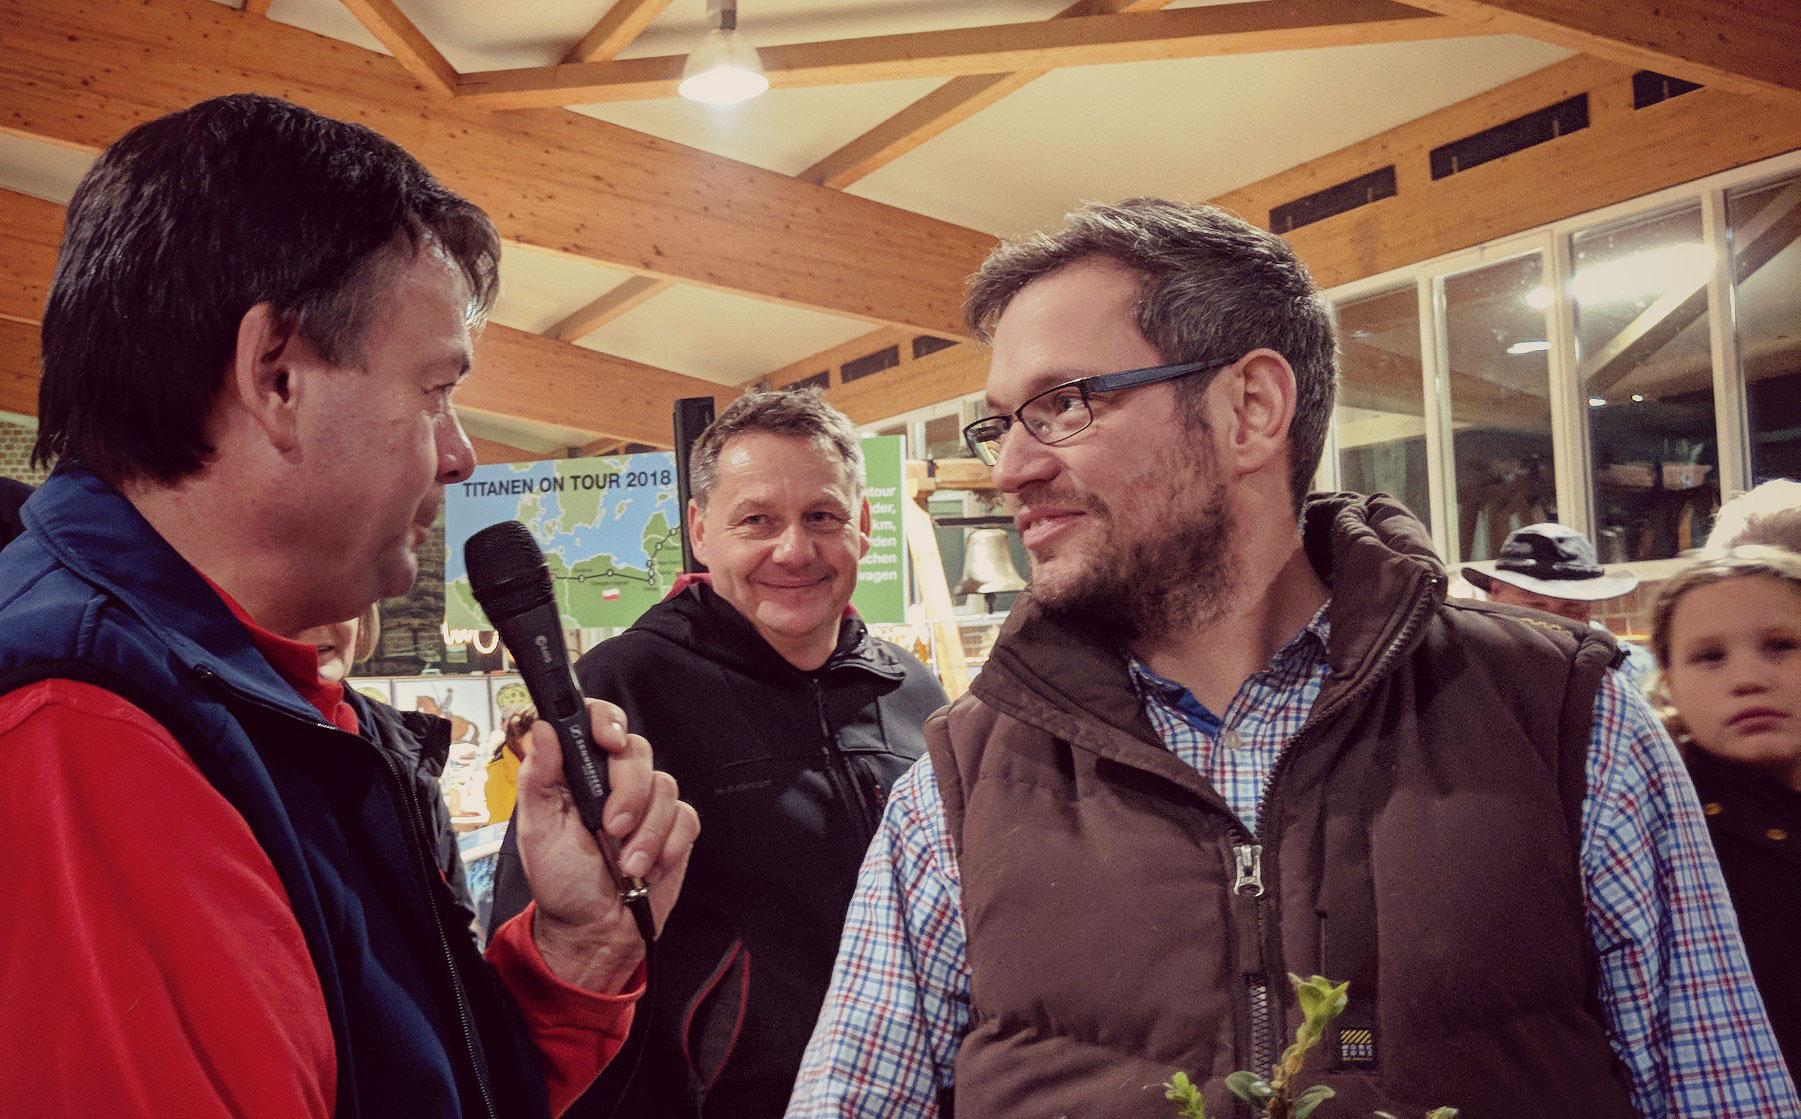 Titanen on tour - Lennert wird von Thomas Haseloff zum Transport der letzten Pferde befragt